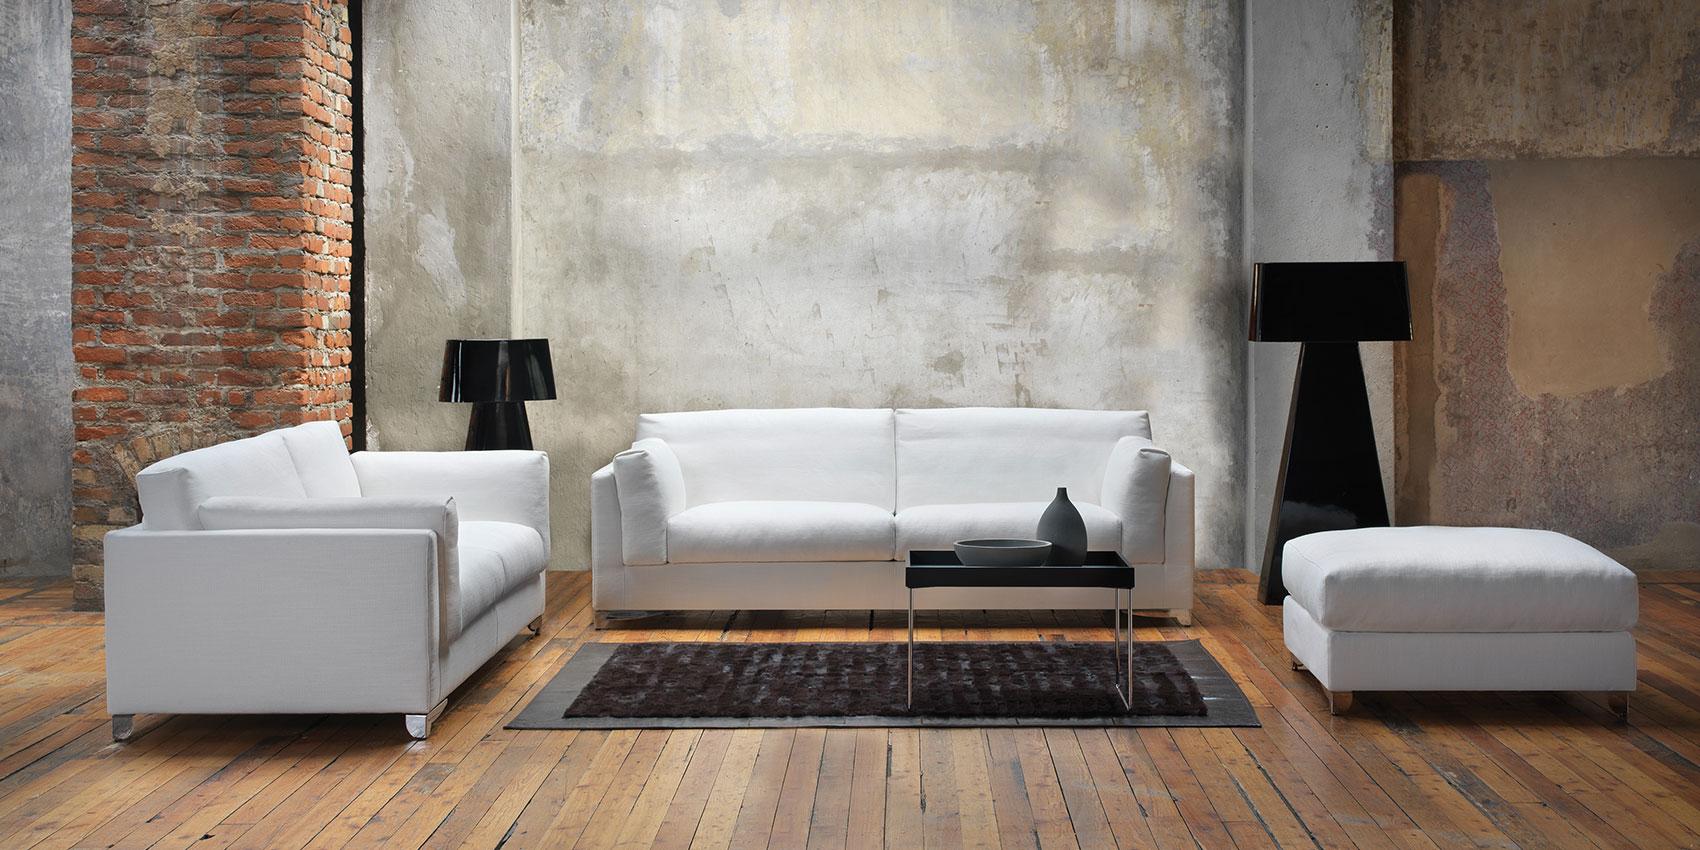 Divano moderno divano hamilton newformsdesign divani for Divani letti moderni